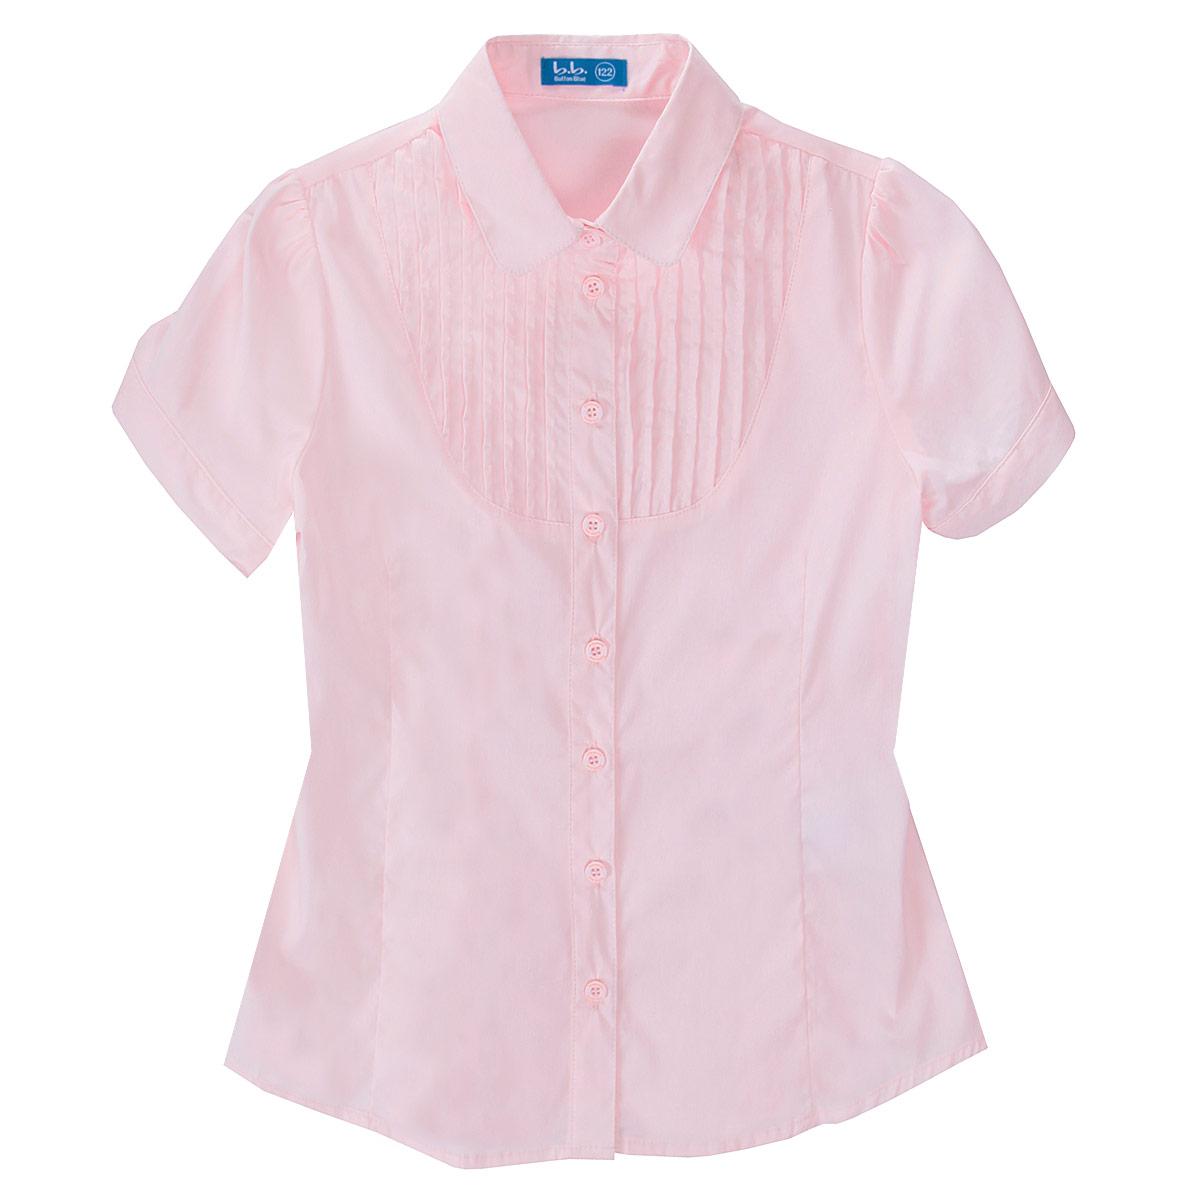 Блуза для девочки. 215BBGS2207/215BBGS2208215BBGS2207Стильная блуза для девочки Button Blue - удачное решение для жарких школьных классов! Изготовленная из хлопка с добавлением нейлона и эластана, она необычайно мягкая и приятная на ощупь, не сковывает движения и позволяет коже дышать, не раздражает даже самую нежную и чувствительную кожу ребенка, обеспечивая ему наибольший комфорт. Блузка приталенного кроя с короткими рукавами-фонариками и отложным воротничком застегивается на пуговички. Низ модели по бокам закруглен. Блузку украшает оригинальная кокетка с защипами, а также интересная конструкция рукава с застежкой на пуговицу. Такая блуза - незаменимая вещь для школьной формы, отлично сочетается с юбками, брюками и сарафанами.